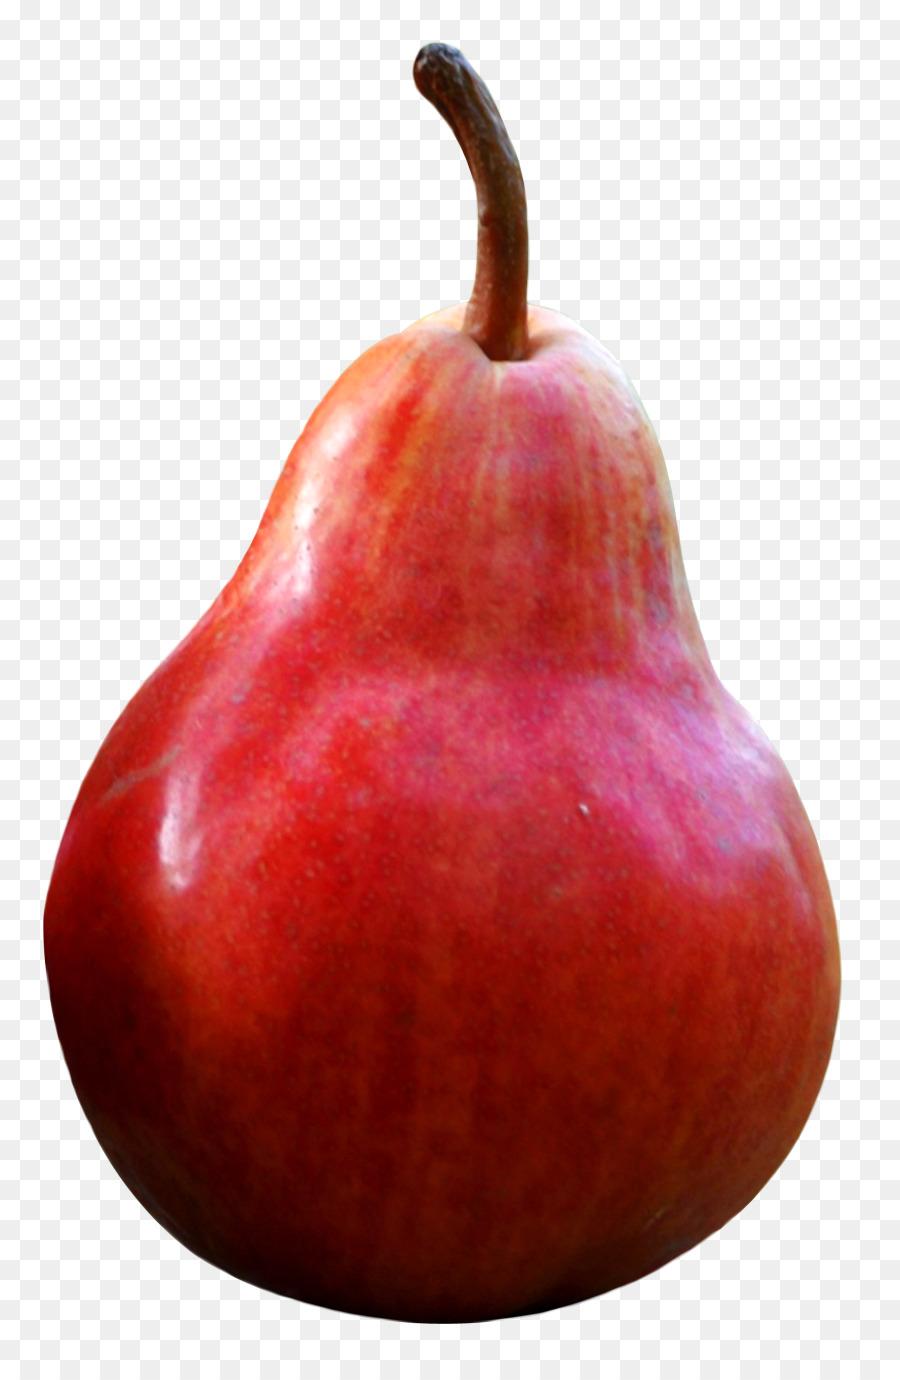 Pear clipart apple pear. Apples cartoon food fruit